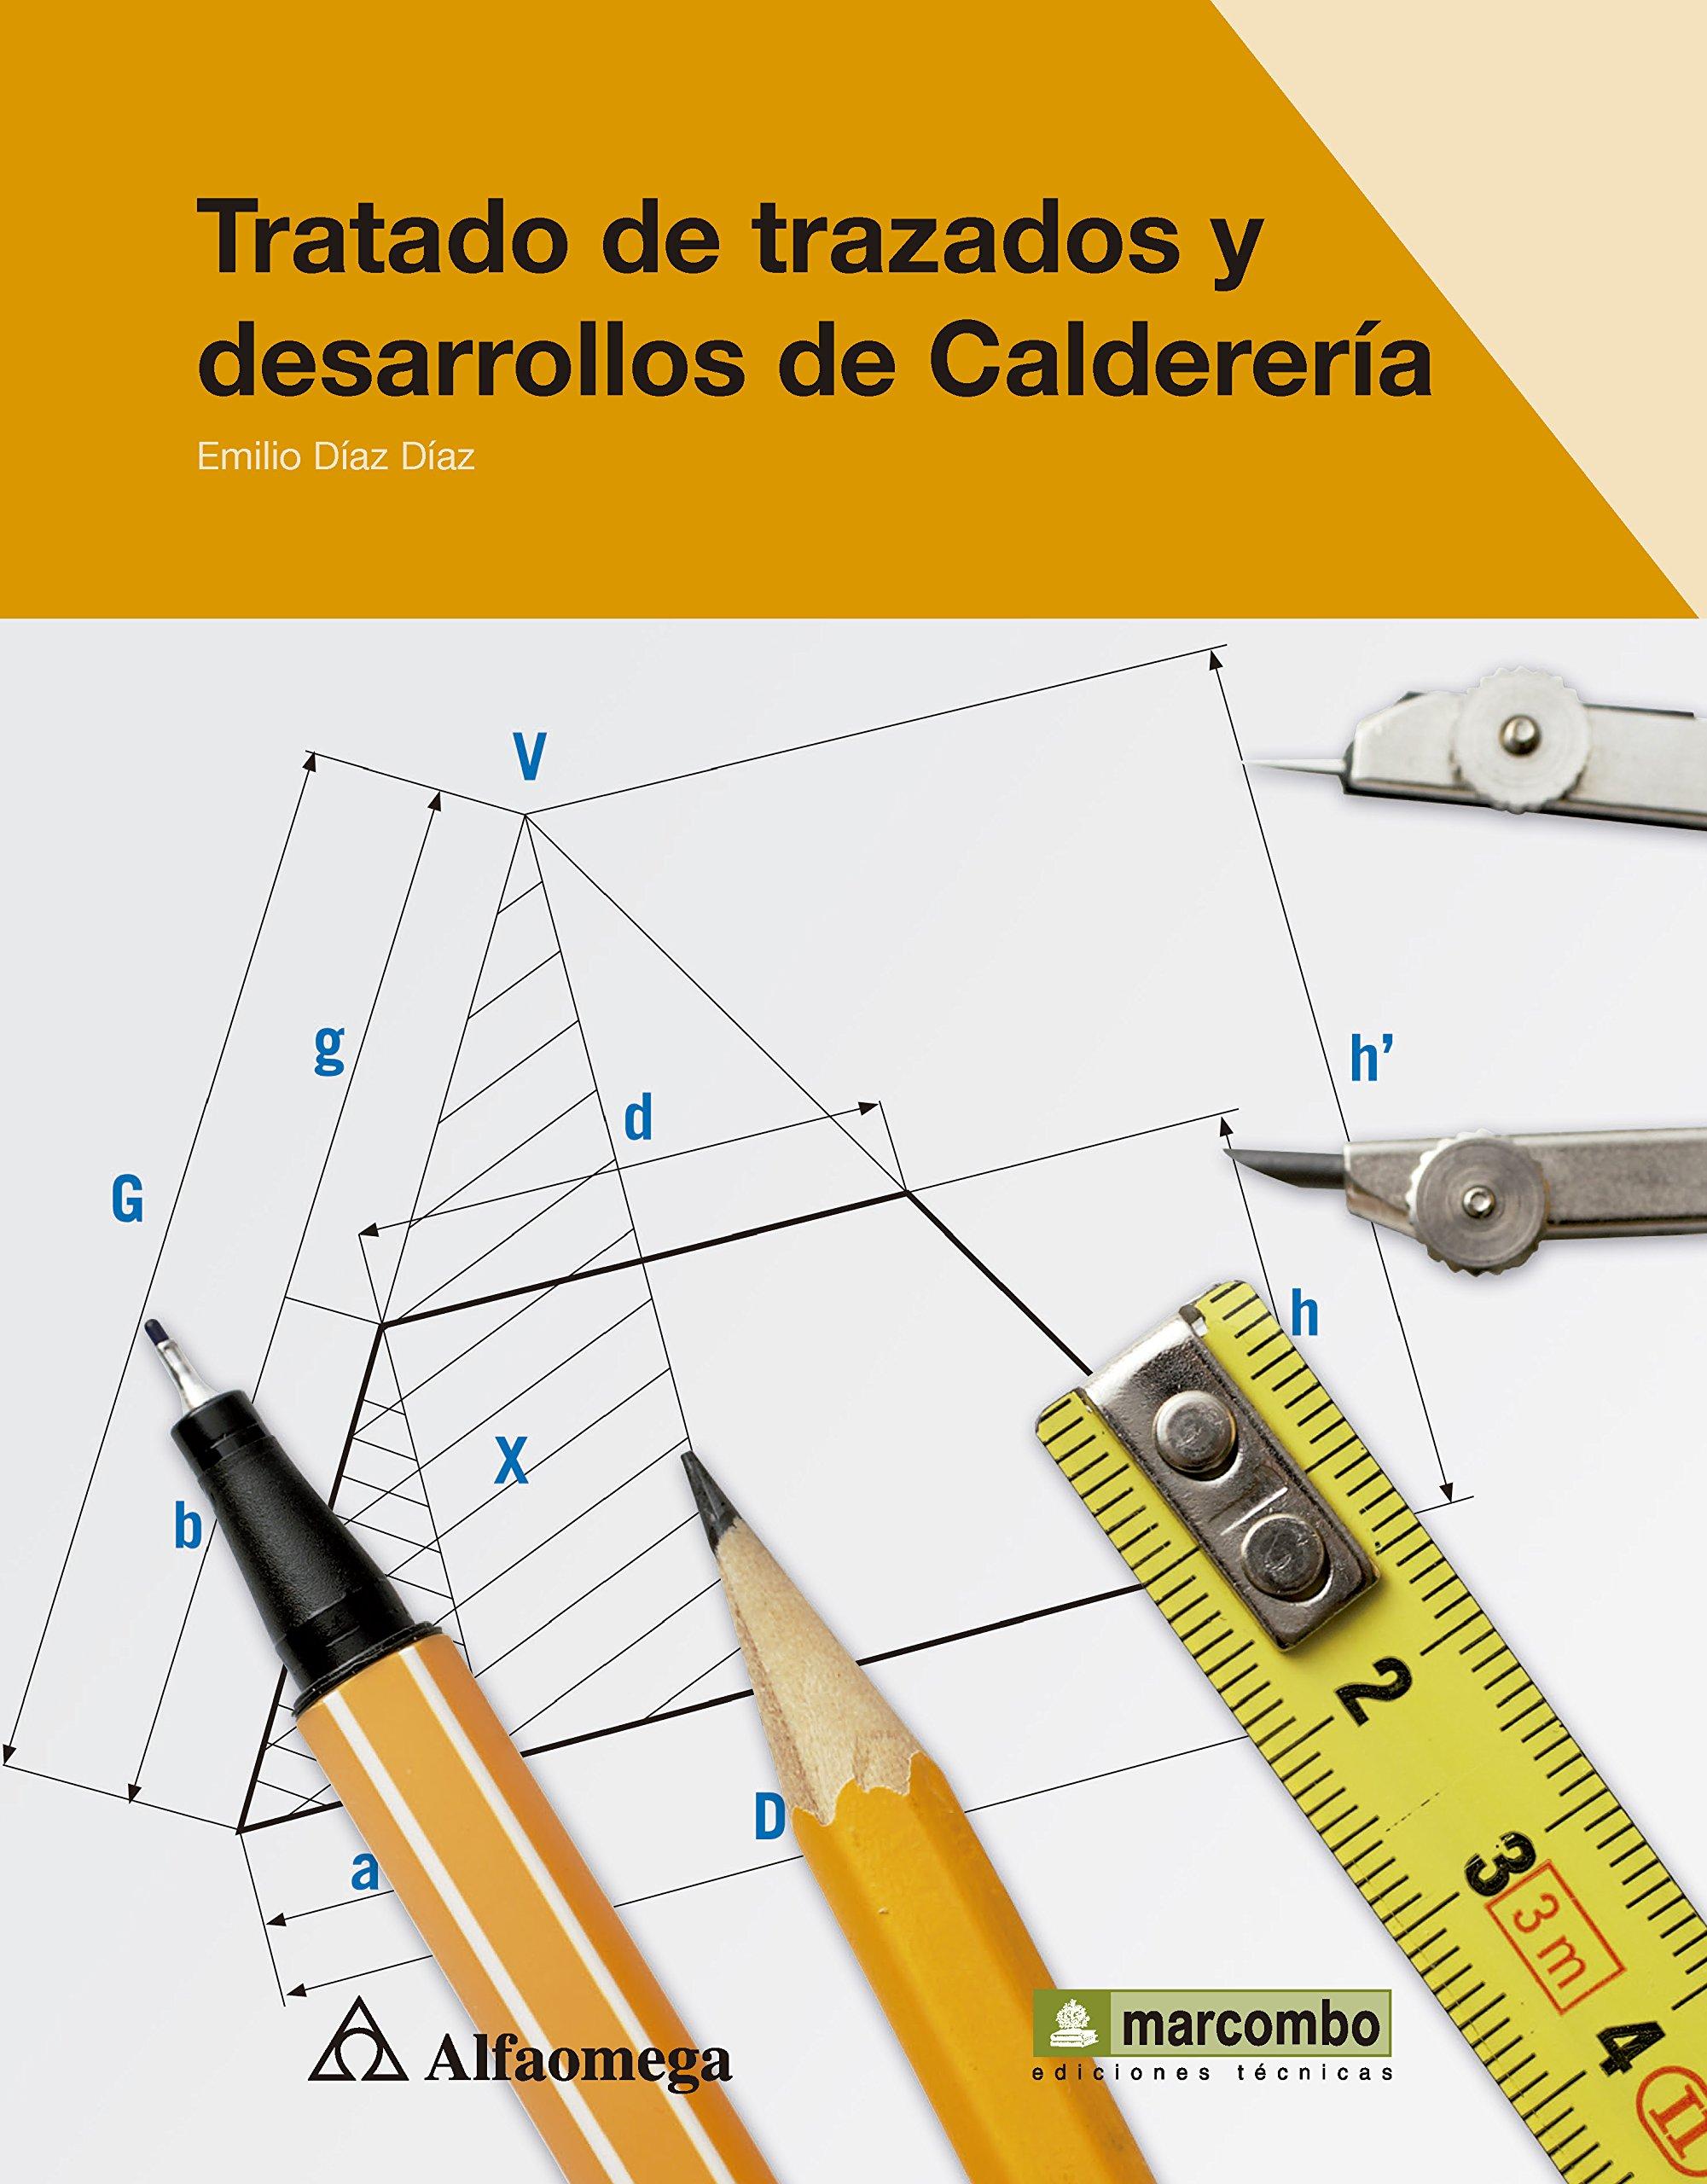 Tratado De Trazados Y Desarrollos De Calderería Spanish Edition Diaz Emilio Alfaomega Marcombo Http Www Alfaomega Com Mx Af Images Libros 5662 1 1372086063 9786077686835 Books